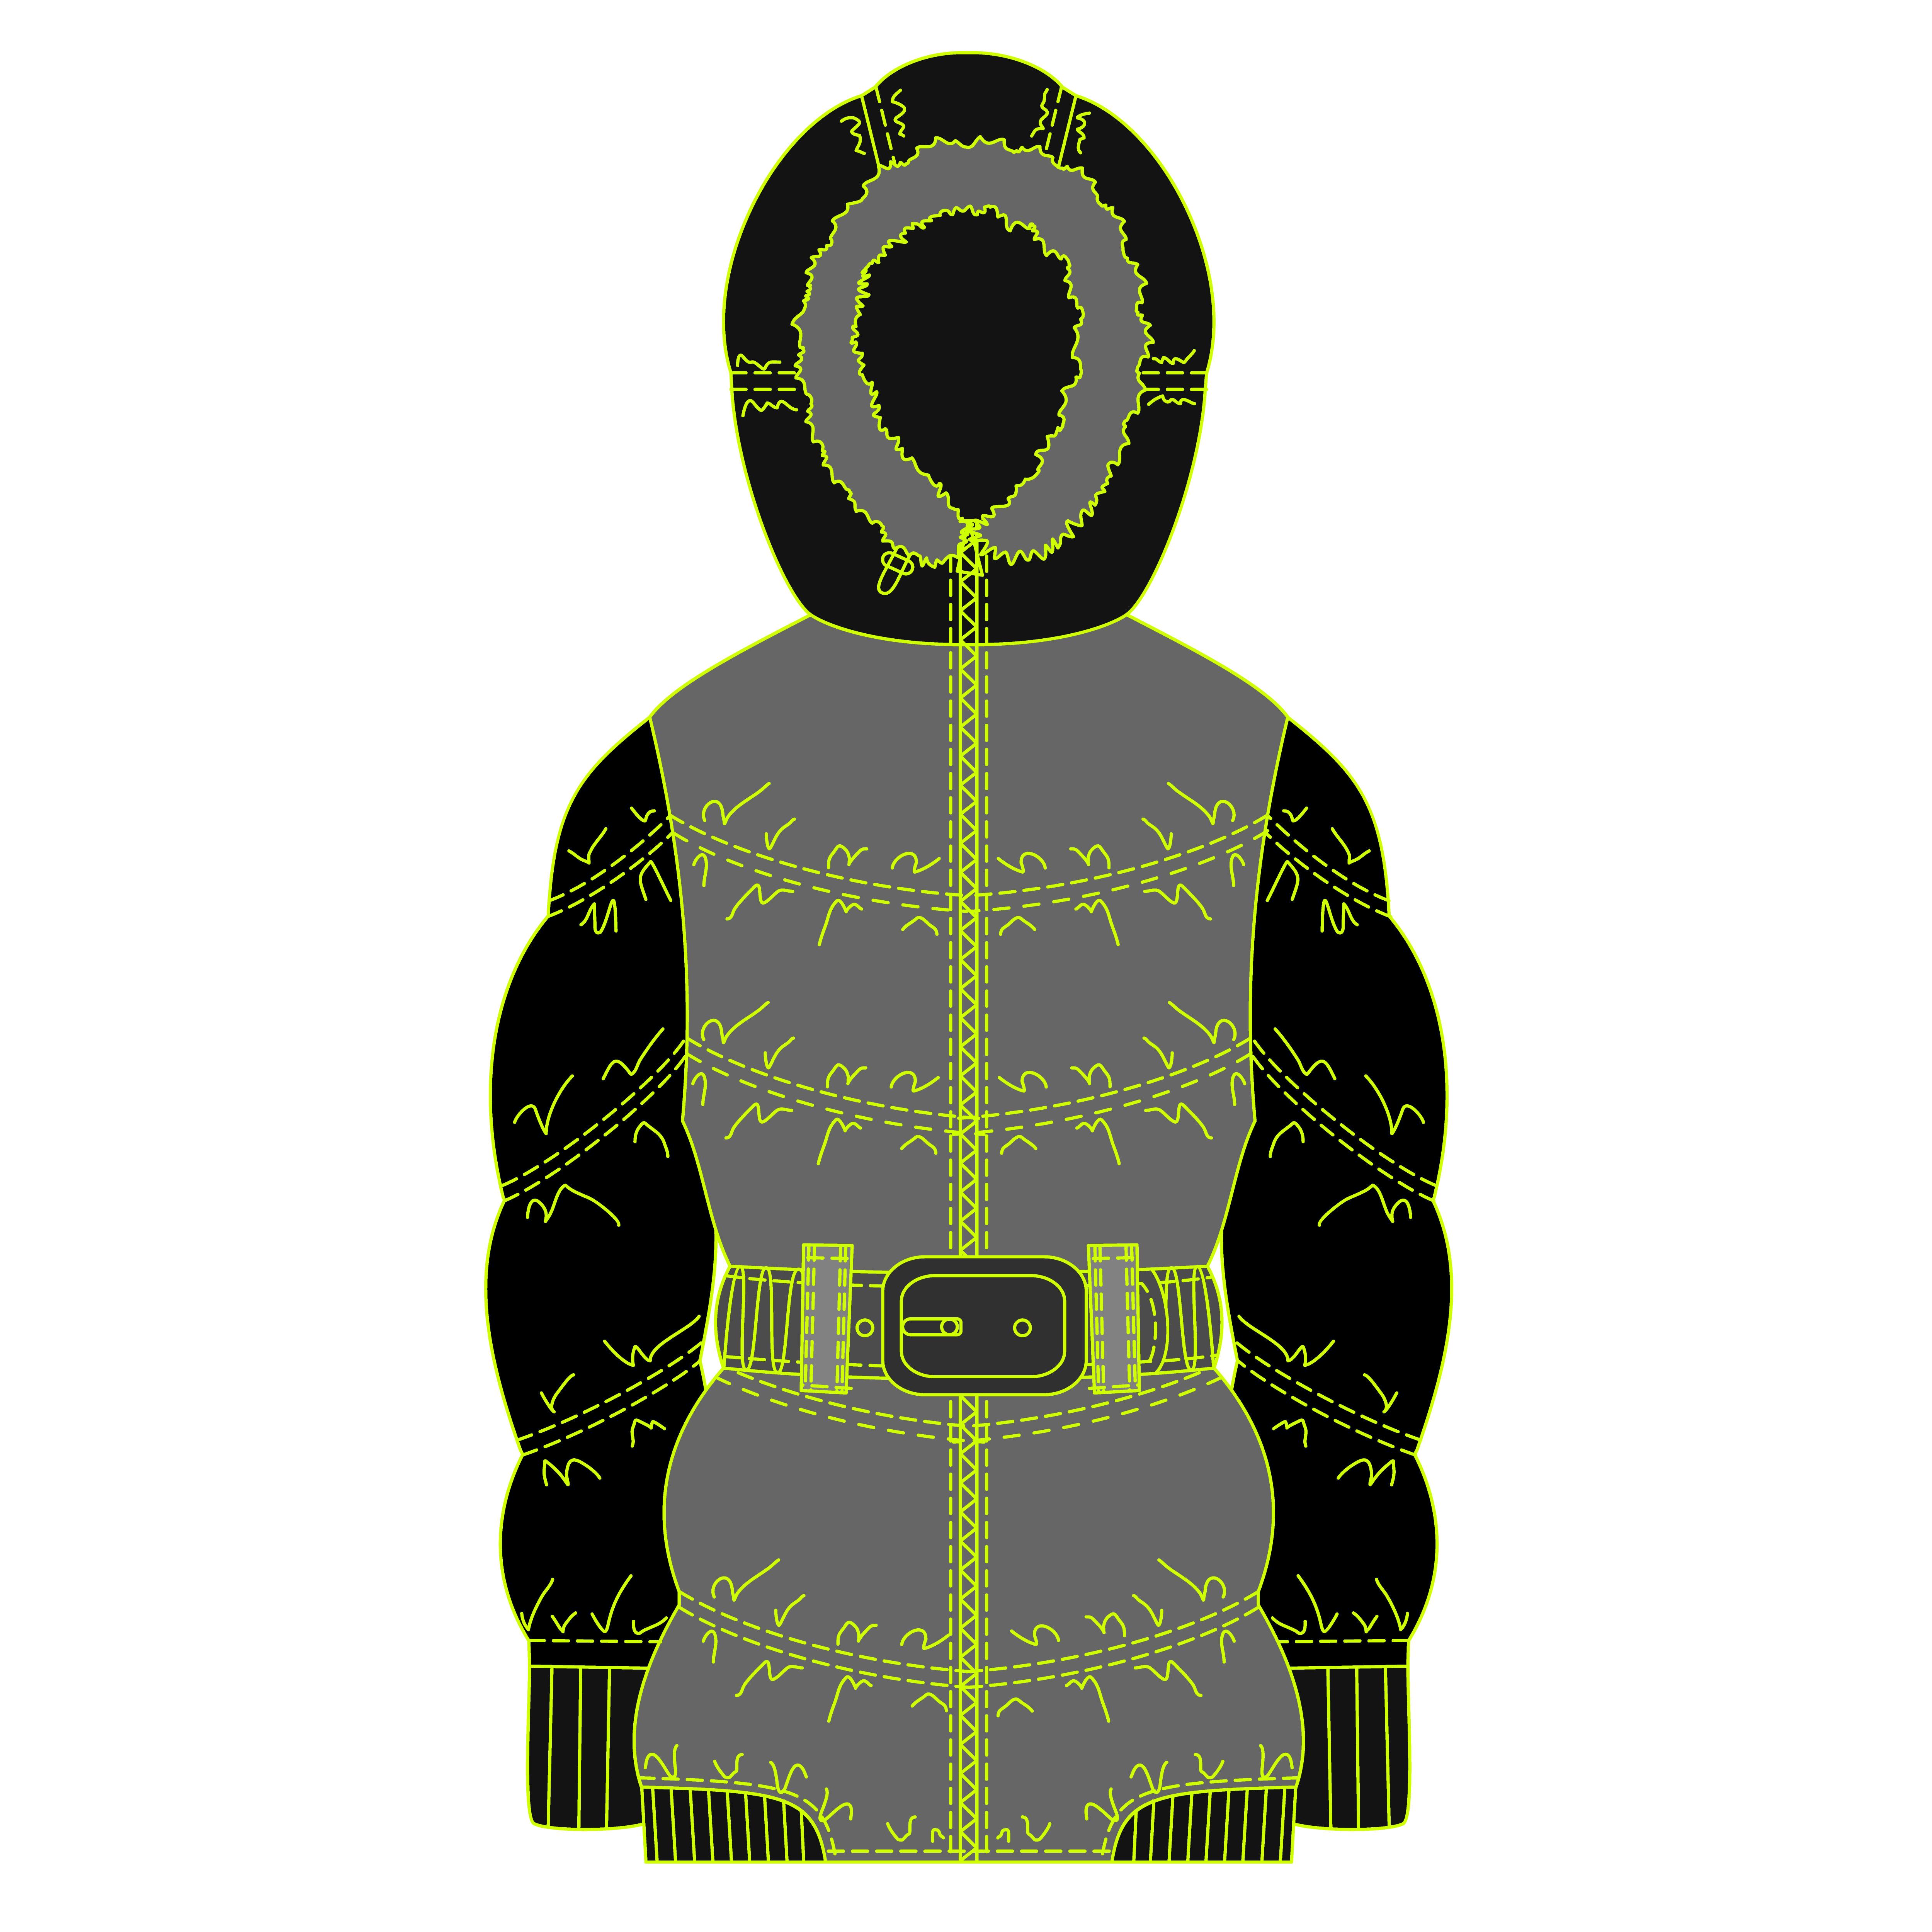 Мужские футболки на шаттере https://www.shutterstock.com/g/Executioner